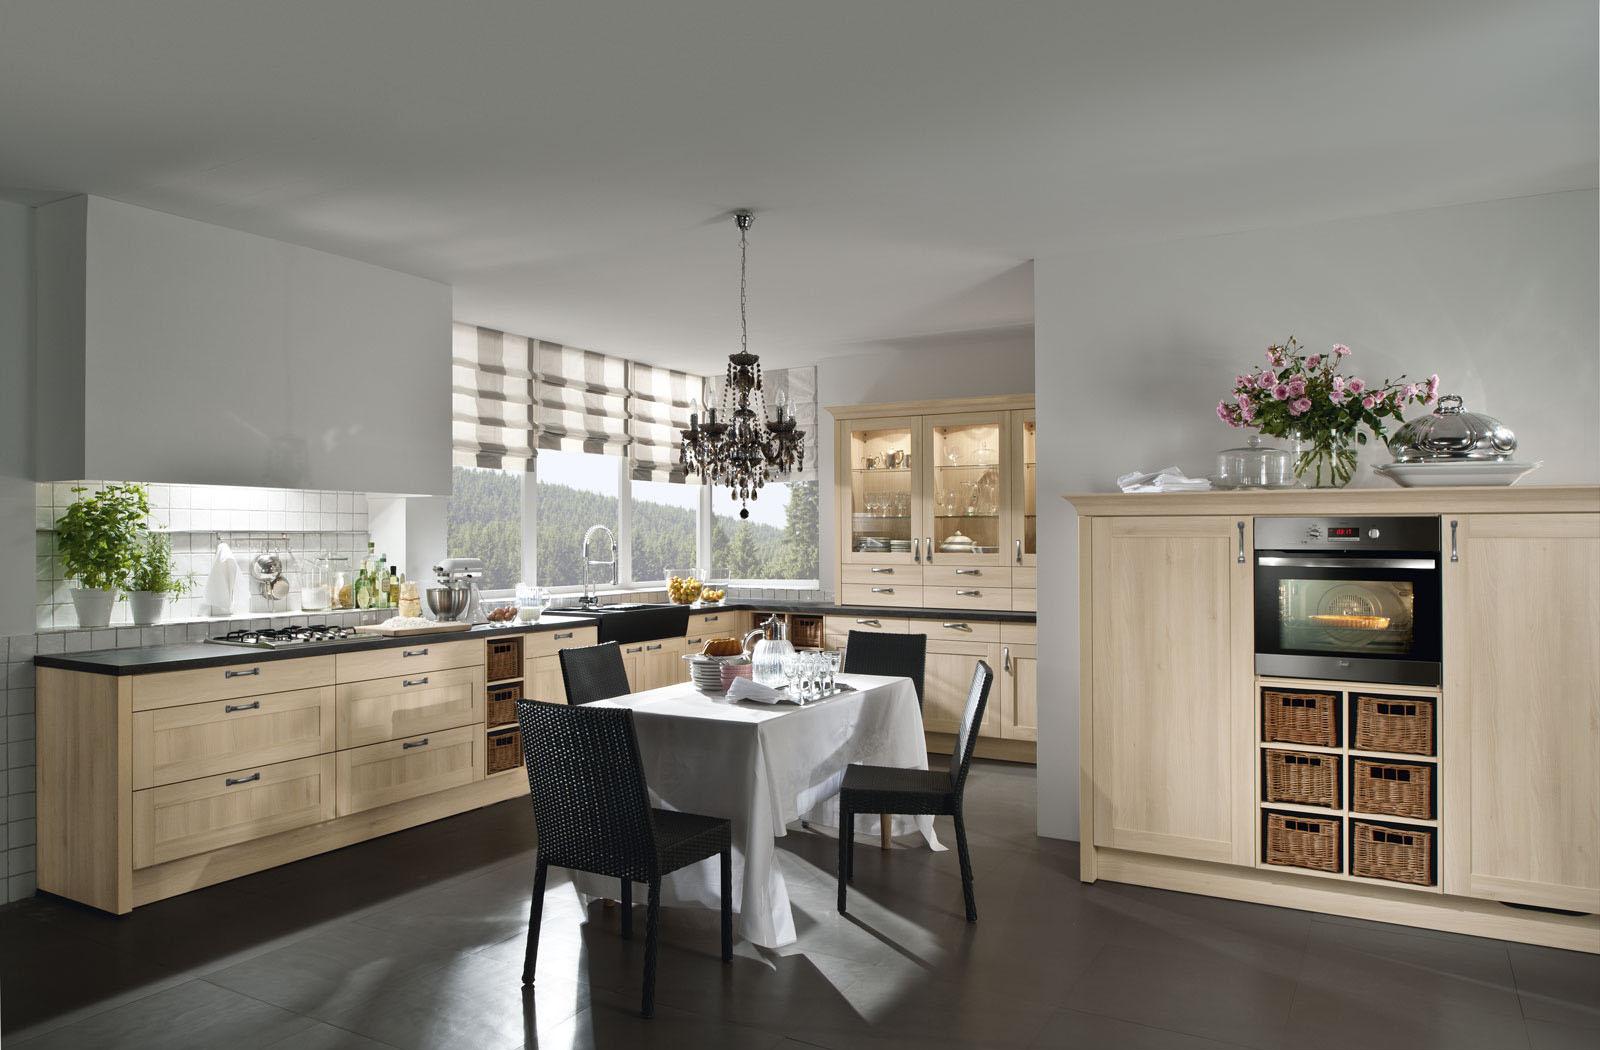 Häcker Küchen - erfüllen die höchsten Ansprüche an Qualität ... | {Häcker küchen 17}